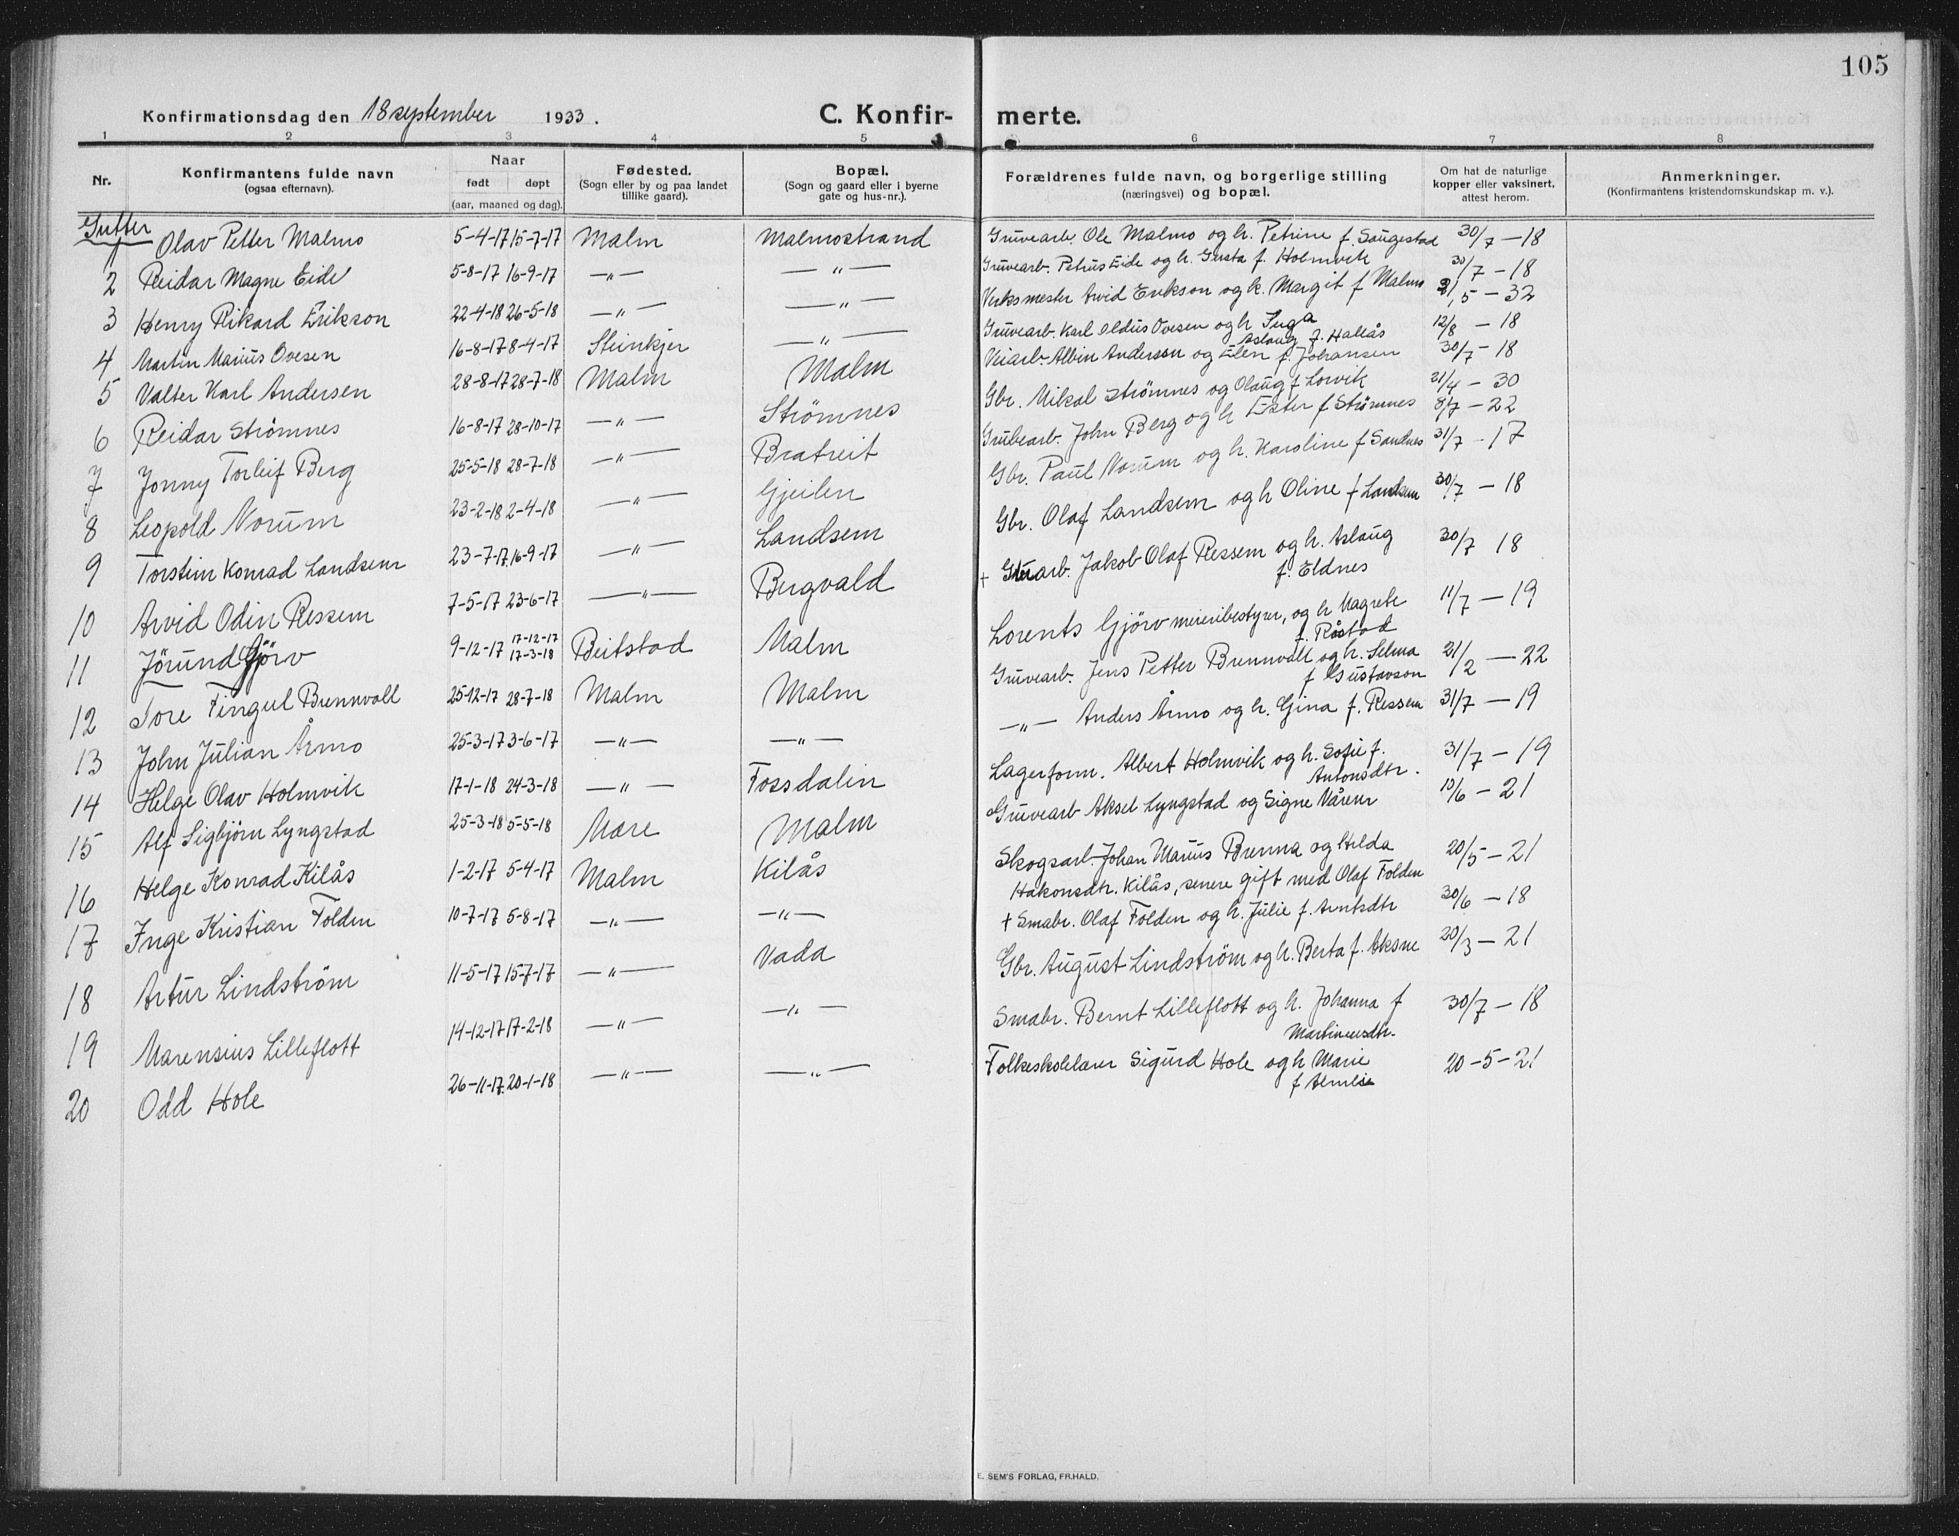 SAT, Ministerialprotokoller, klokkerbøker og fødselsregistre - Nord-Trøndelag, 745/L0434: Klokkerbok nr. 745C03, 1914-1937, s. 105